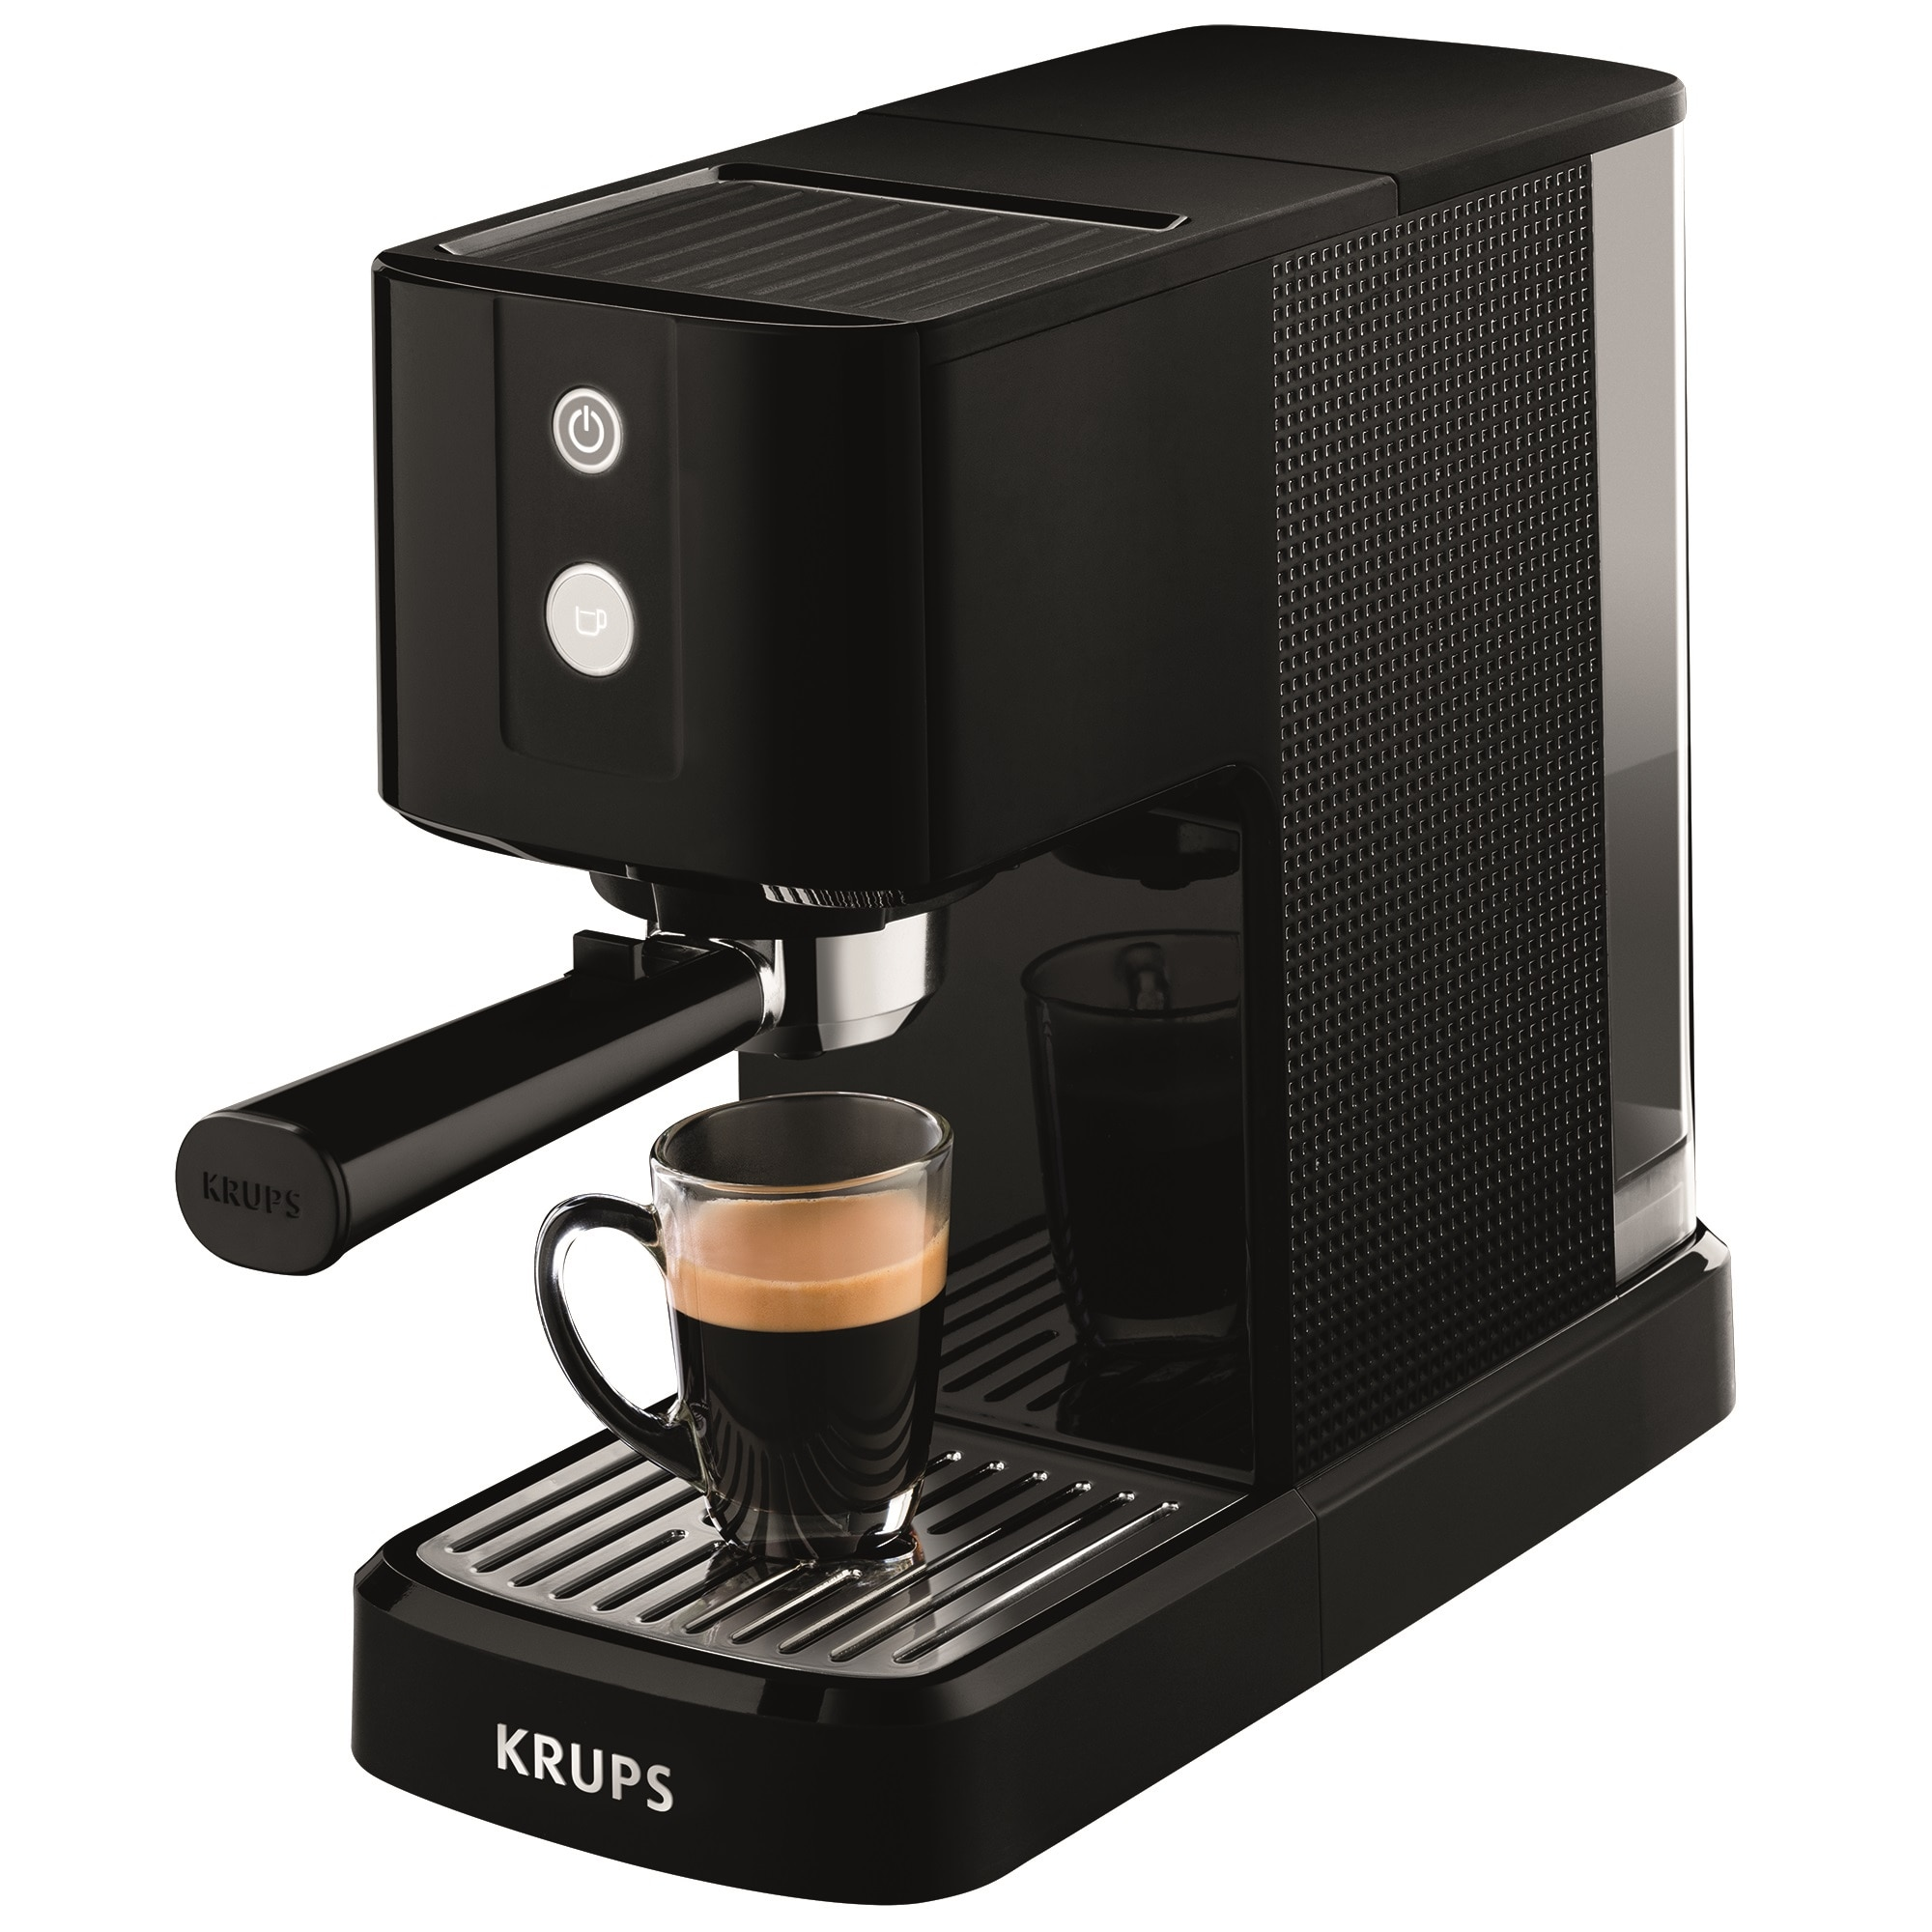 Krups XP3410 Calvi karos eszpresszó kávéfőző, 1460W, 15 bar, 1 literes víztartály, Fekete